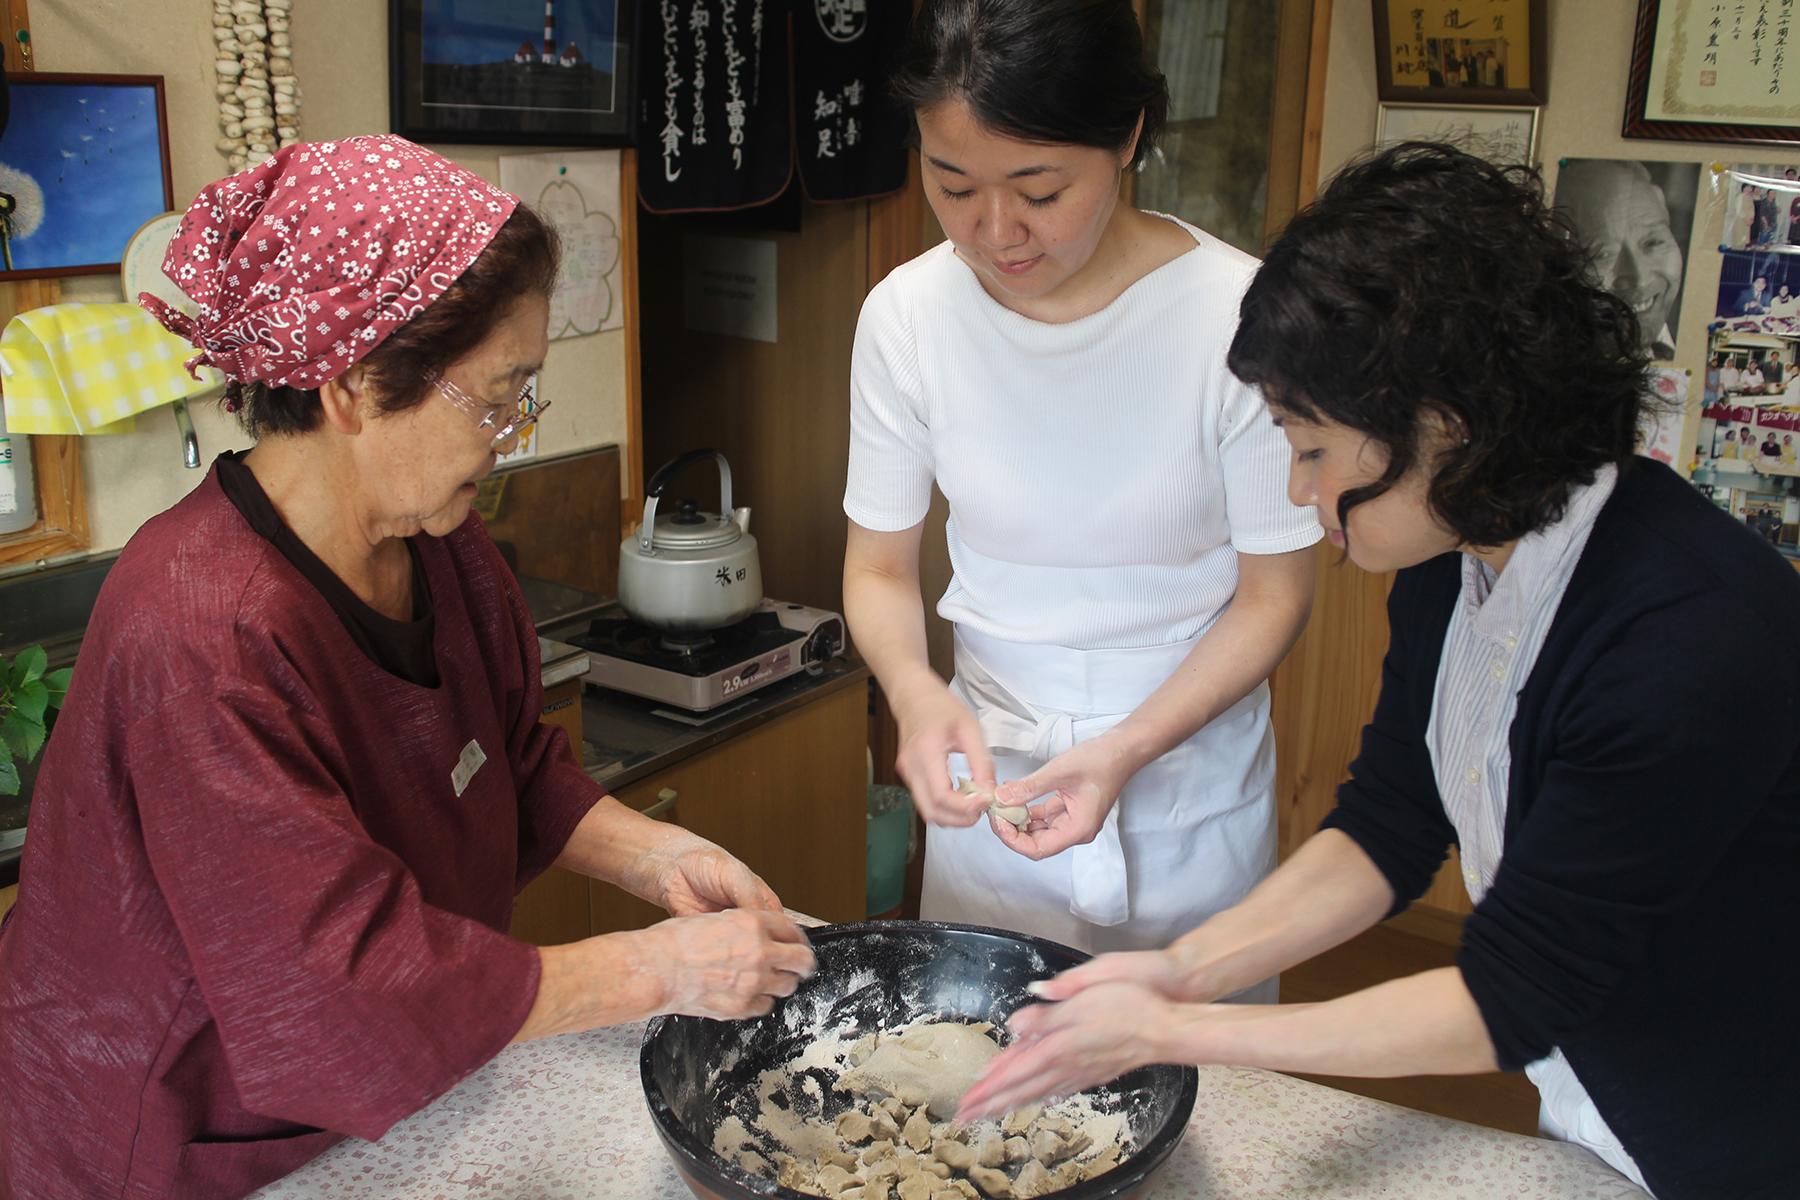 D&D的定食開發,最初會前往當地了解代表食物,並深入民家體驗常民的家庭料理。推出的定食,既是傳遞當地文化,卻不拘泥現場所見、所嚐,而是適度做出調整與創新,真正體現如何透過設計讓飲食更好的成果。